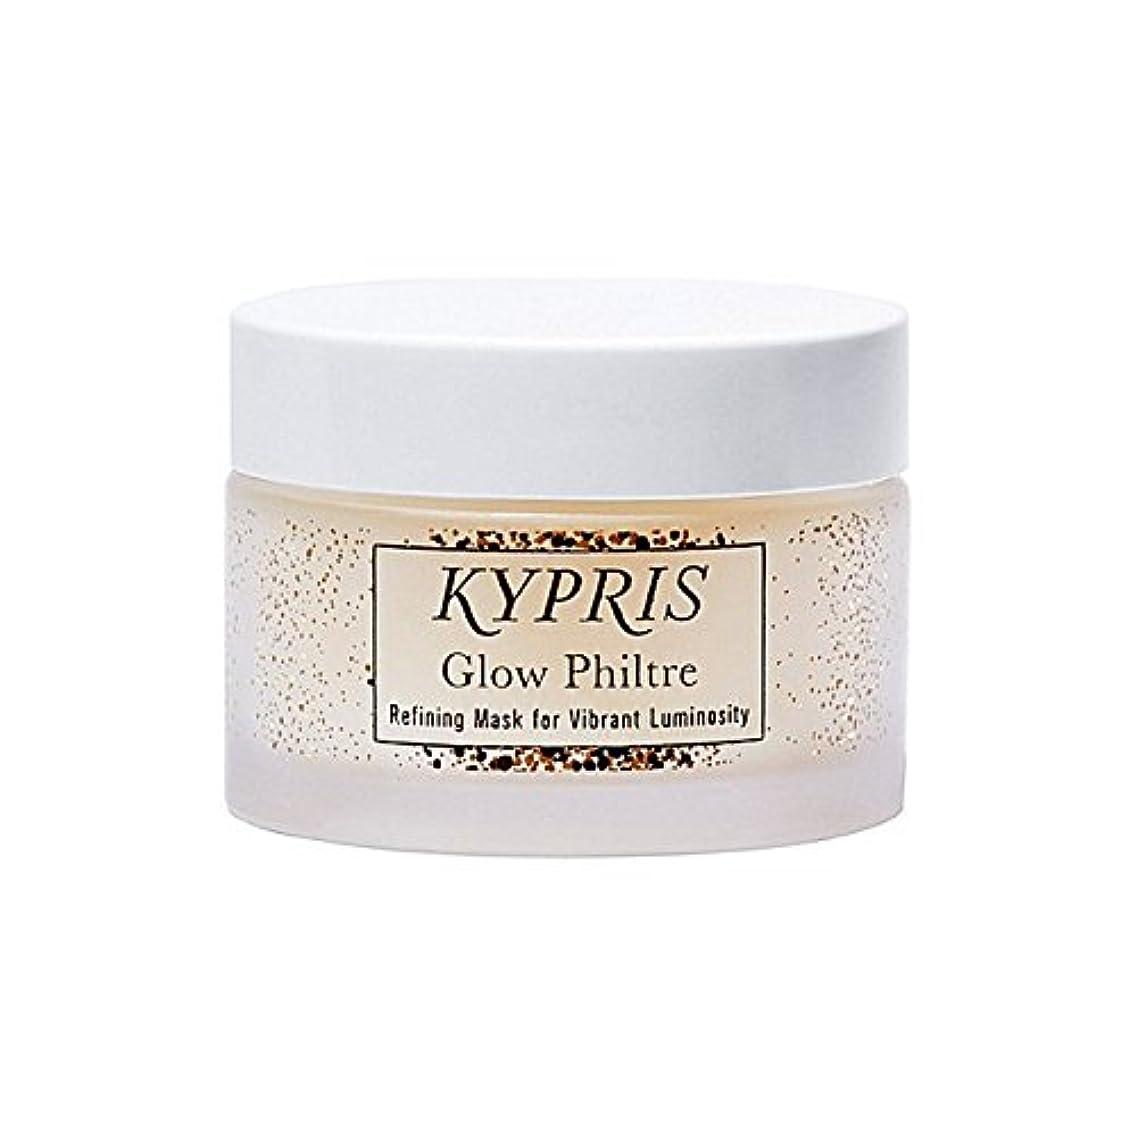 刃かろうじてびっくりするグローマスク x4 - Kypris Glow Philtre Mask (Pack of 4) [並行輸入品]